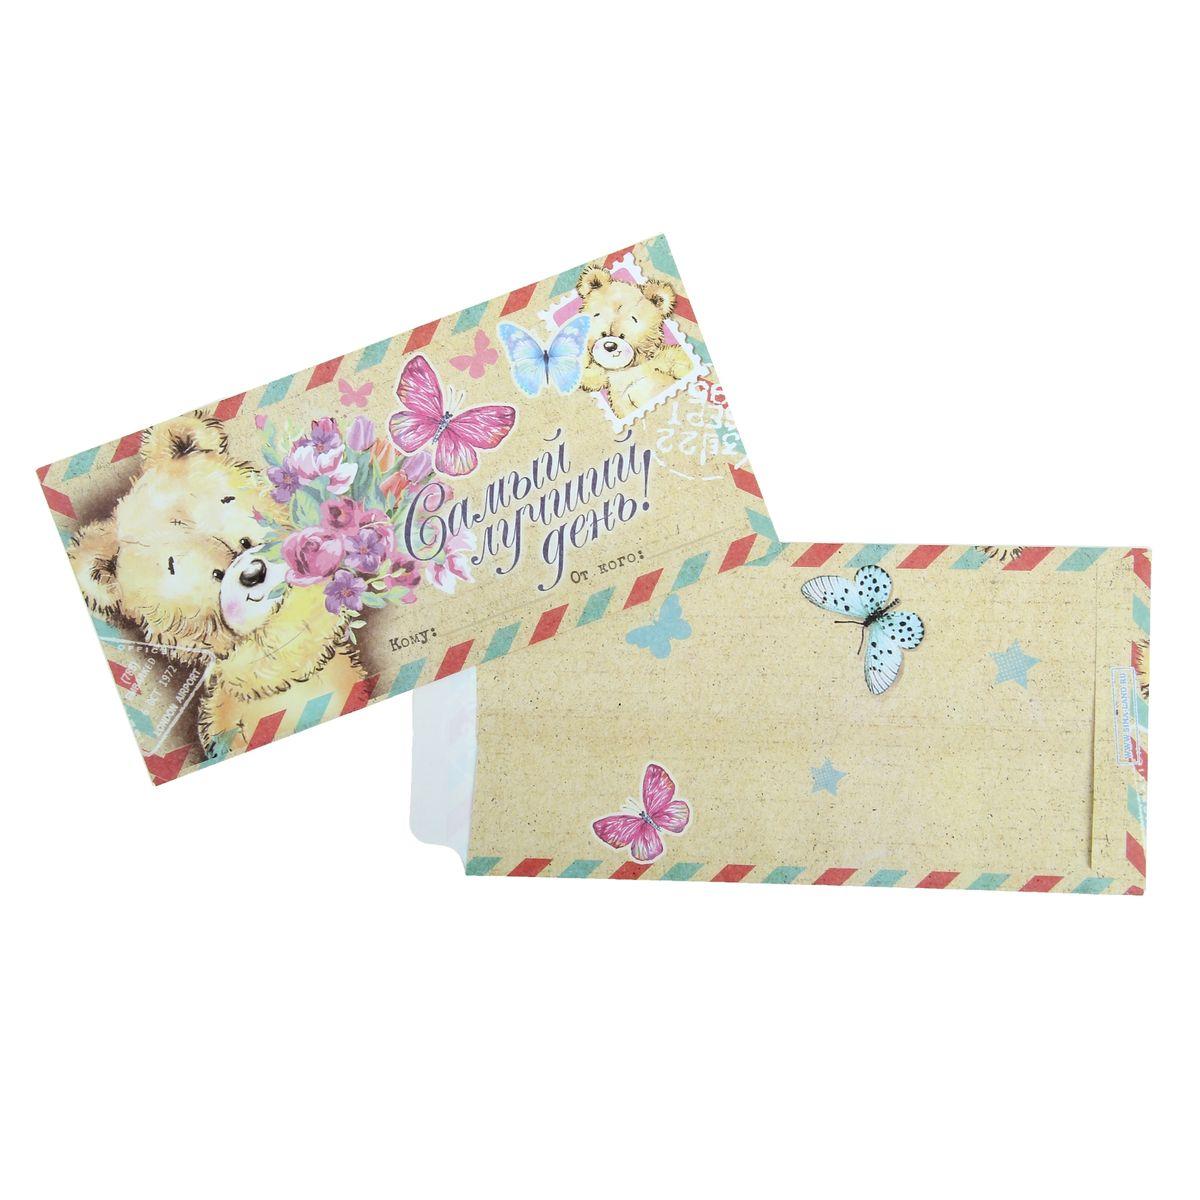 Конверт подарочный Самый лучший день1028223Подарочный конверт Самый лучший день изготовлен из бумаги. Такой конверт отлично подойдет для оформления подарка. В него можно положить записку или фотографию, подписать его и передать получателю.